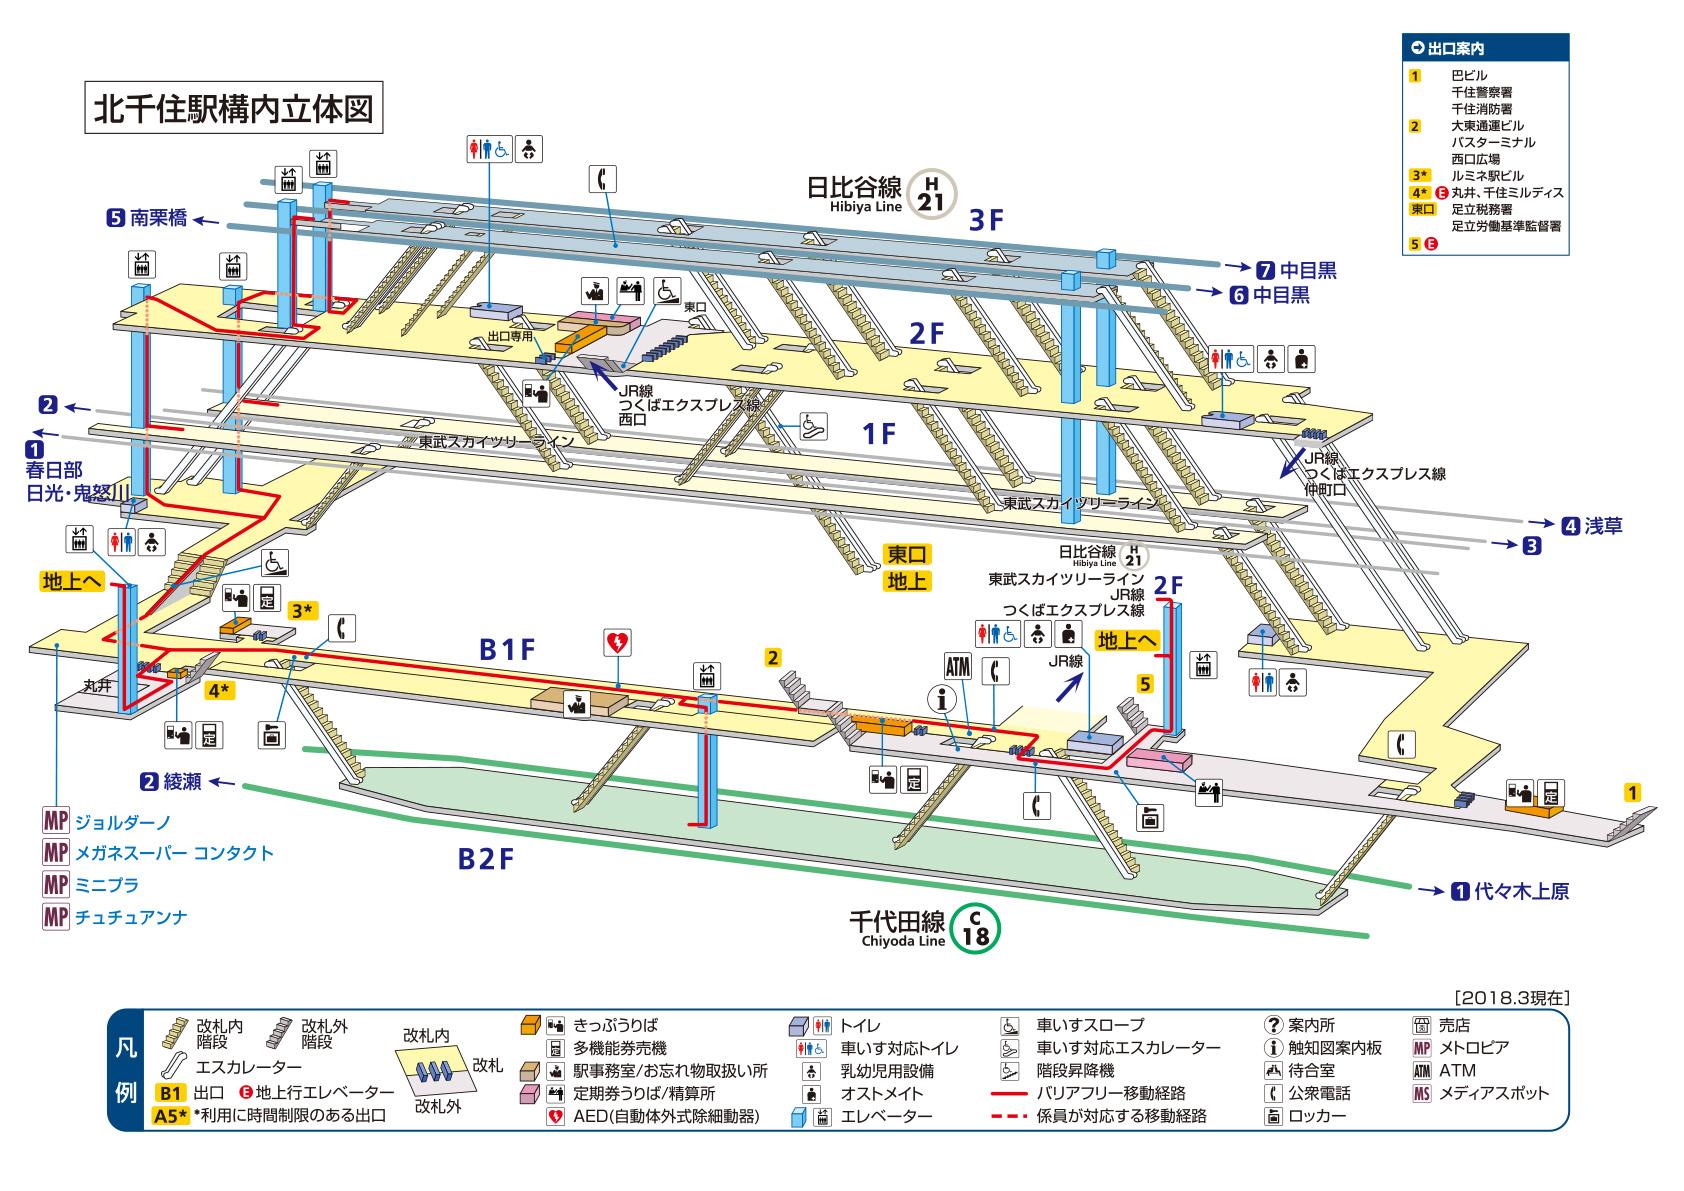 構内図 | 北千住駅/H21/C18 | 東...